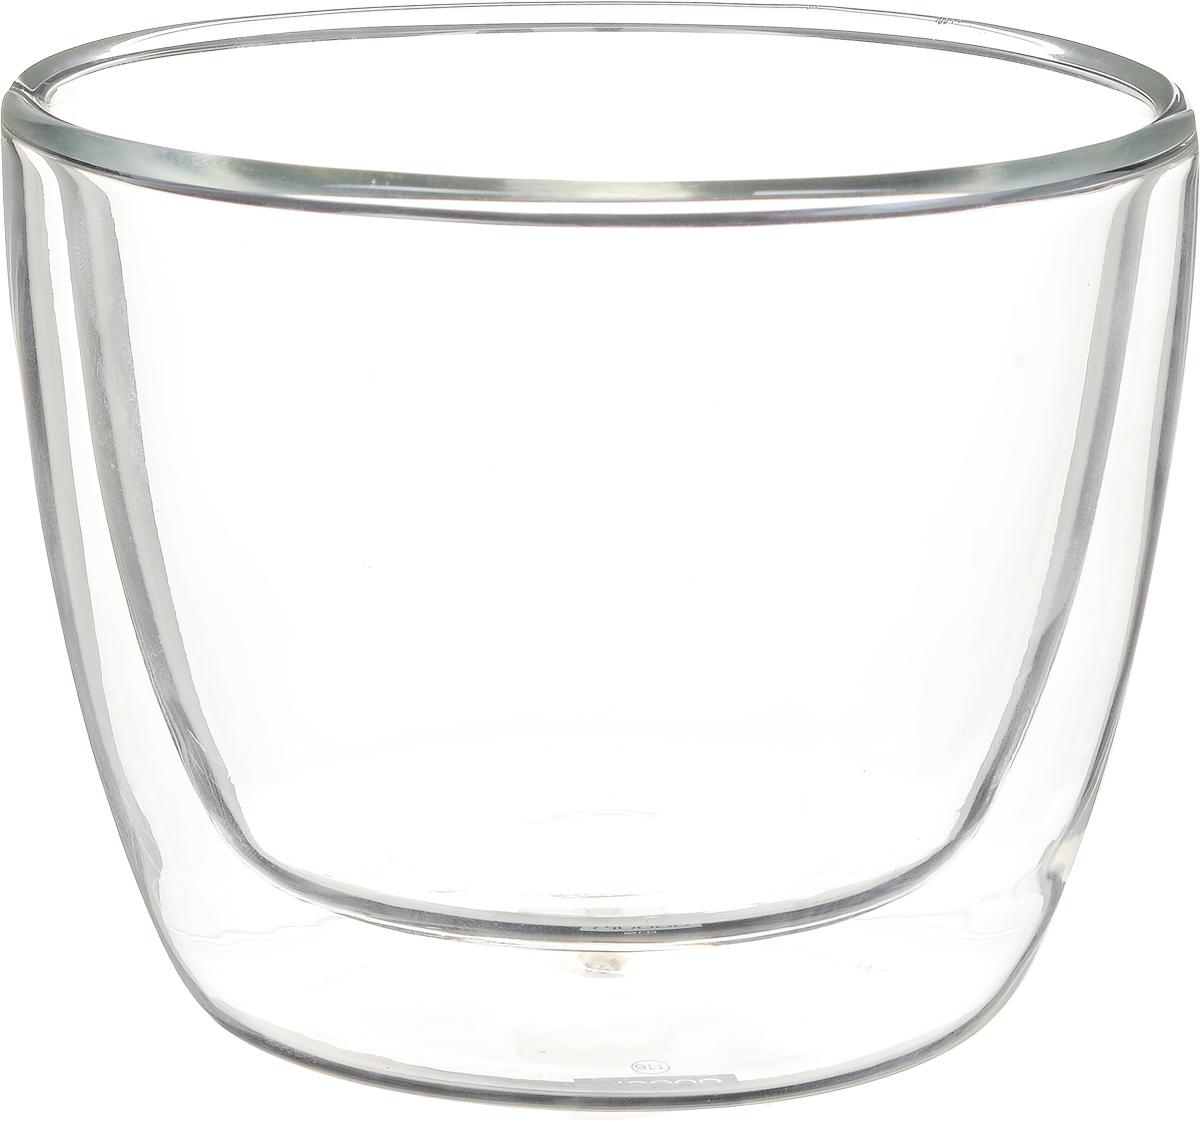 Набор термостаканов Bodum Bistro, 450 мл, 2 шт115510Набор Bodum Bistro состоит из двух термостаканов. Изделия изготовлены из жаростойкого и прочного боросиликатного стекла. Наличие двойных стенок позволяет термостаканам дольше сохранять первоначальную температуру напитка. Прослойка воздуха не даст обжечься, если в стакан налит горячий напиток. Идеально подходят для подачи горячего молока, чая или кофе. Можно использовать в СВЧ-печи, духовке, холодильнике и мыть в посудомоечной машине. Диаметр термостакана (по верхнему краю): 10 см.Объем стакана: 450 мл.